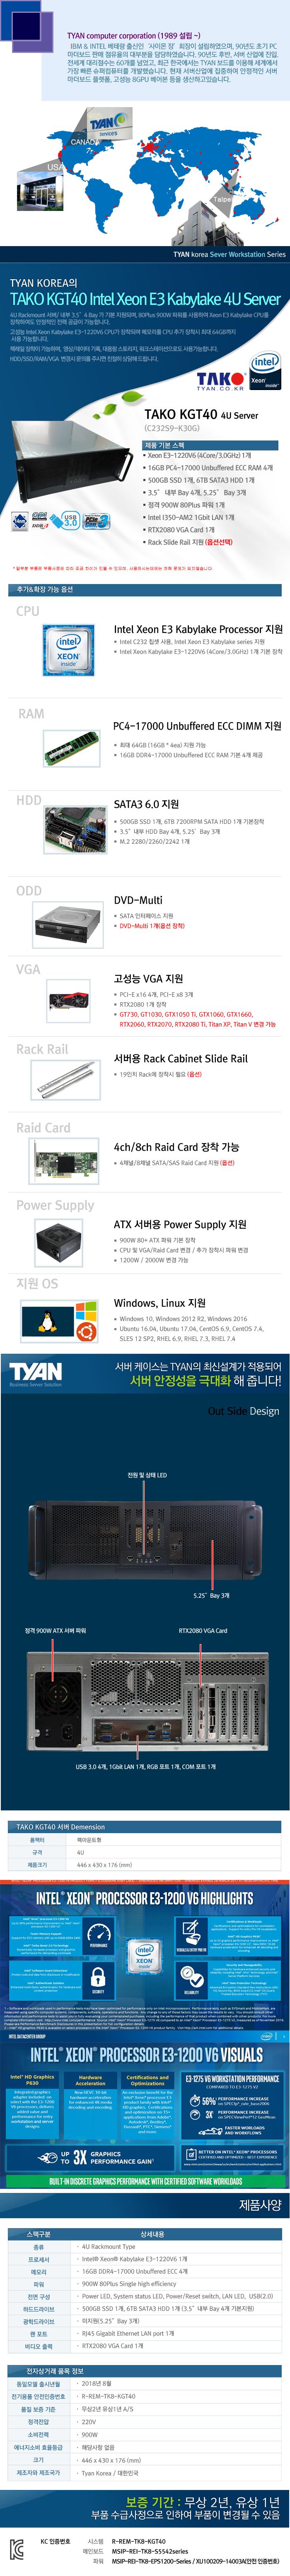 TYAN  TAKO-KGT40-(C232S9-K30G)-RTX2080(64GB, SSD 500GB + 6TB)